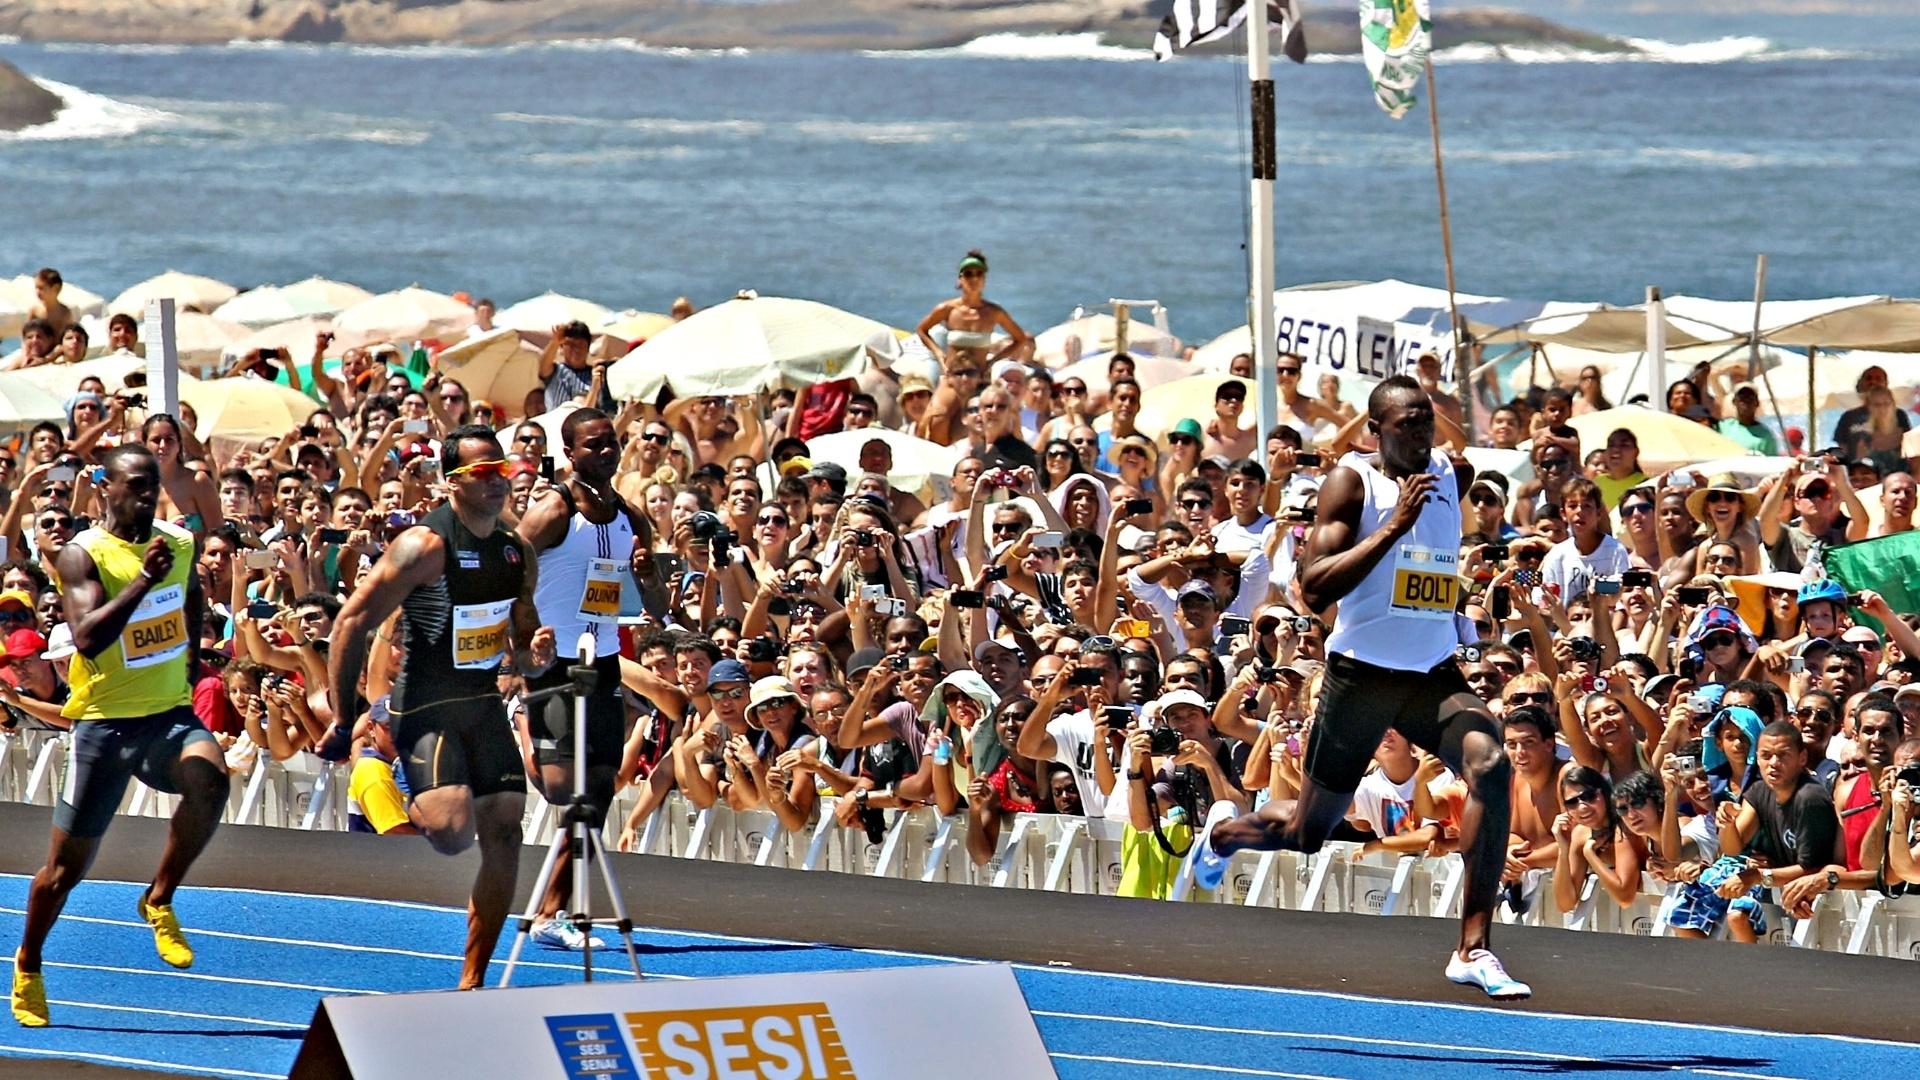 31.mar.2013 - Usain Bolt supera rivais e vence desafio de 150m disputado na praia de Copacabana, no Rio de Janeiro